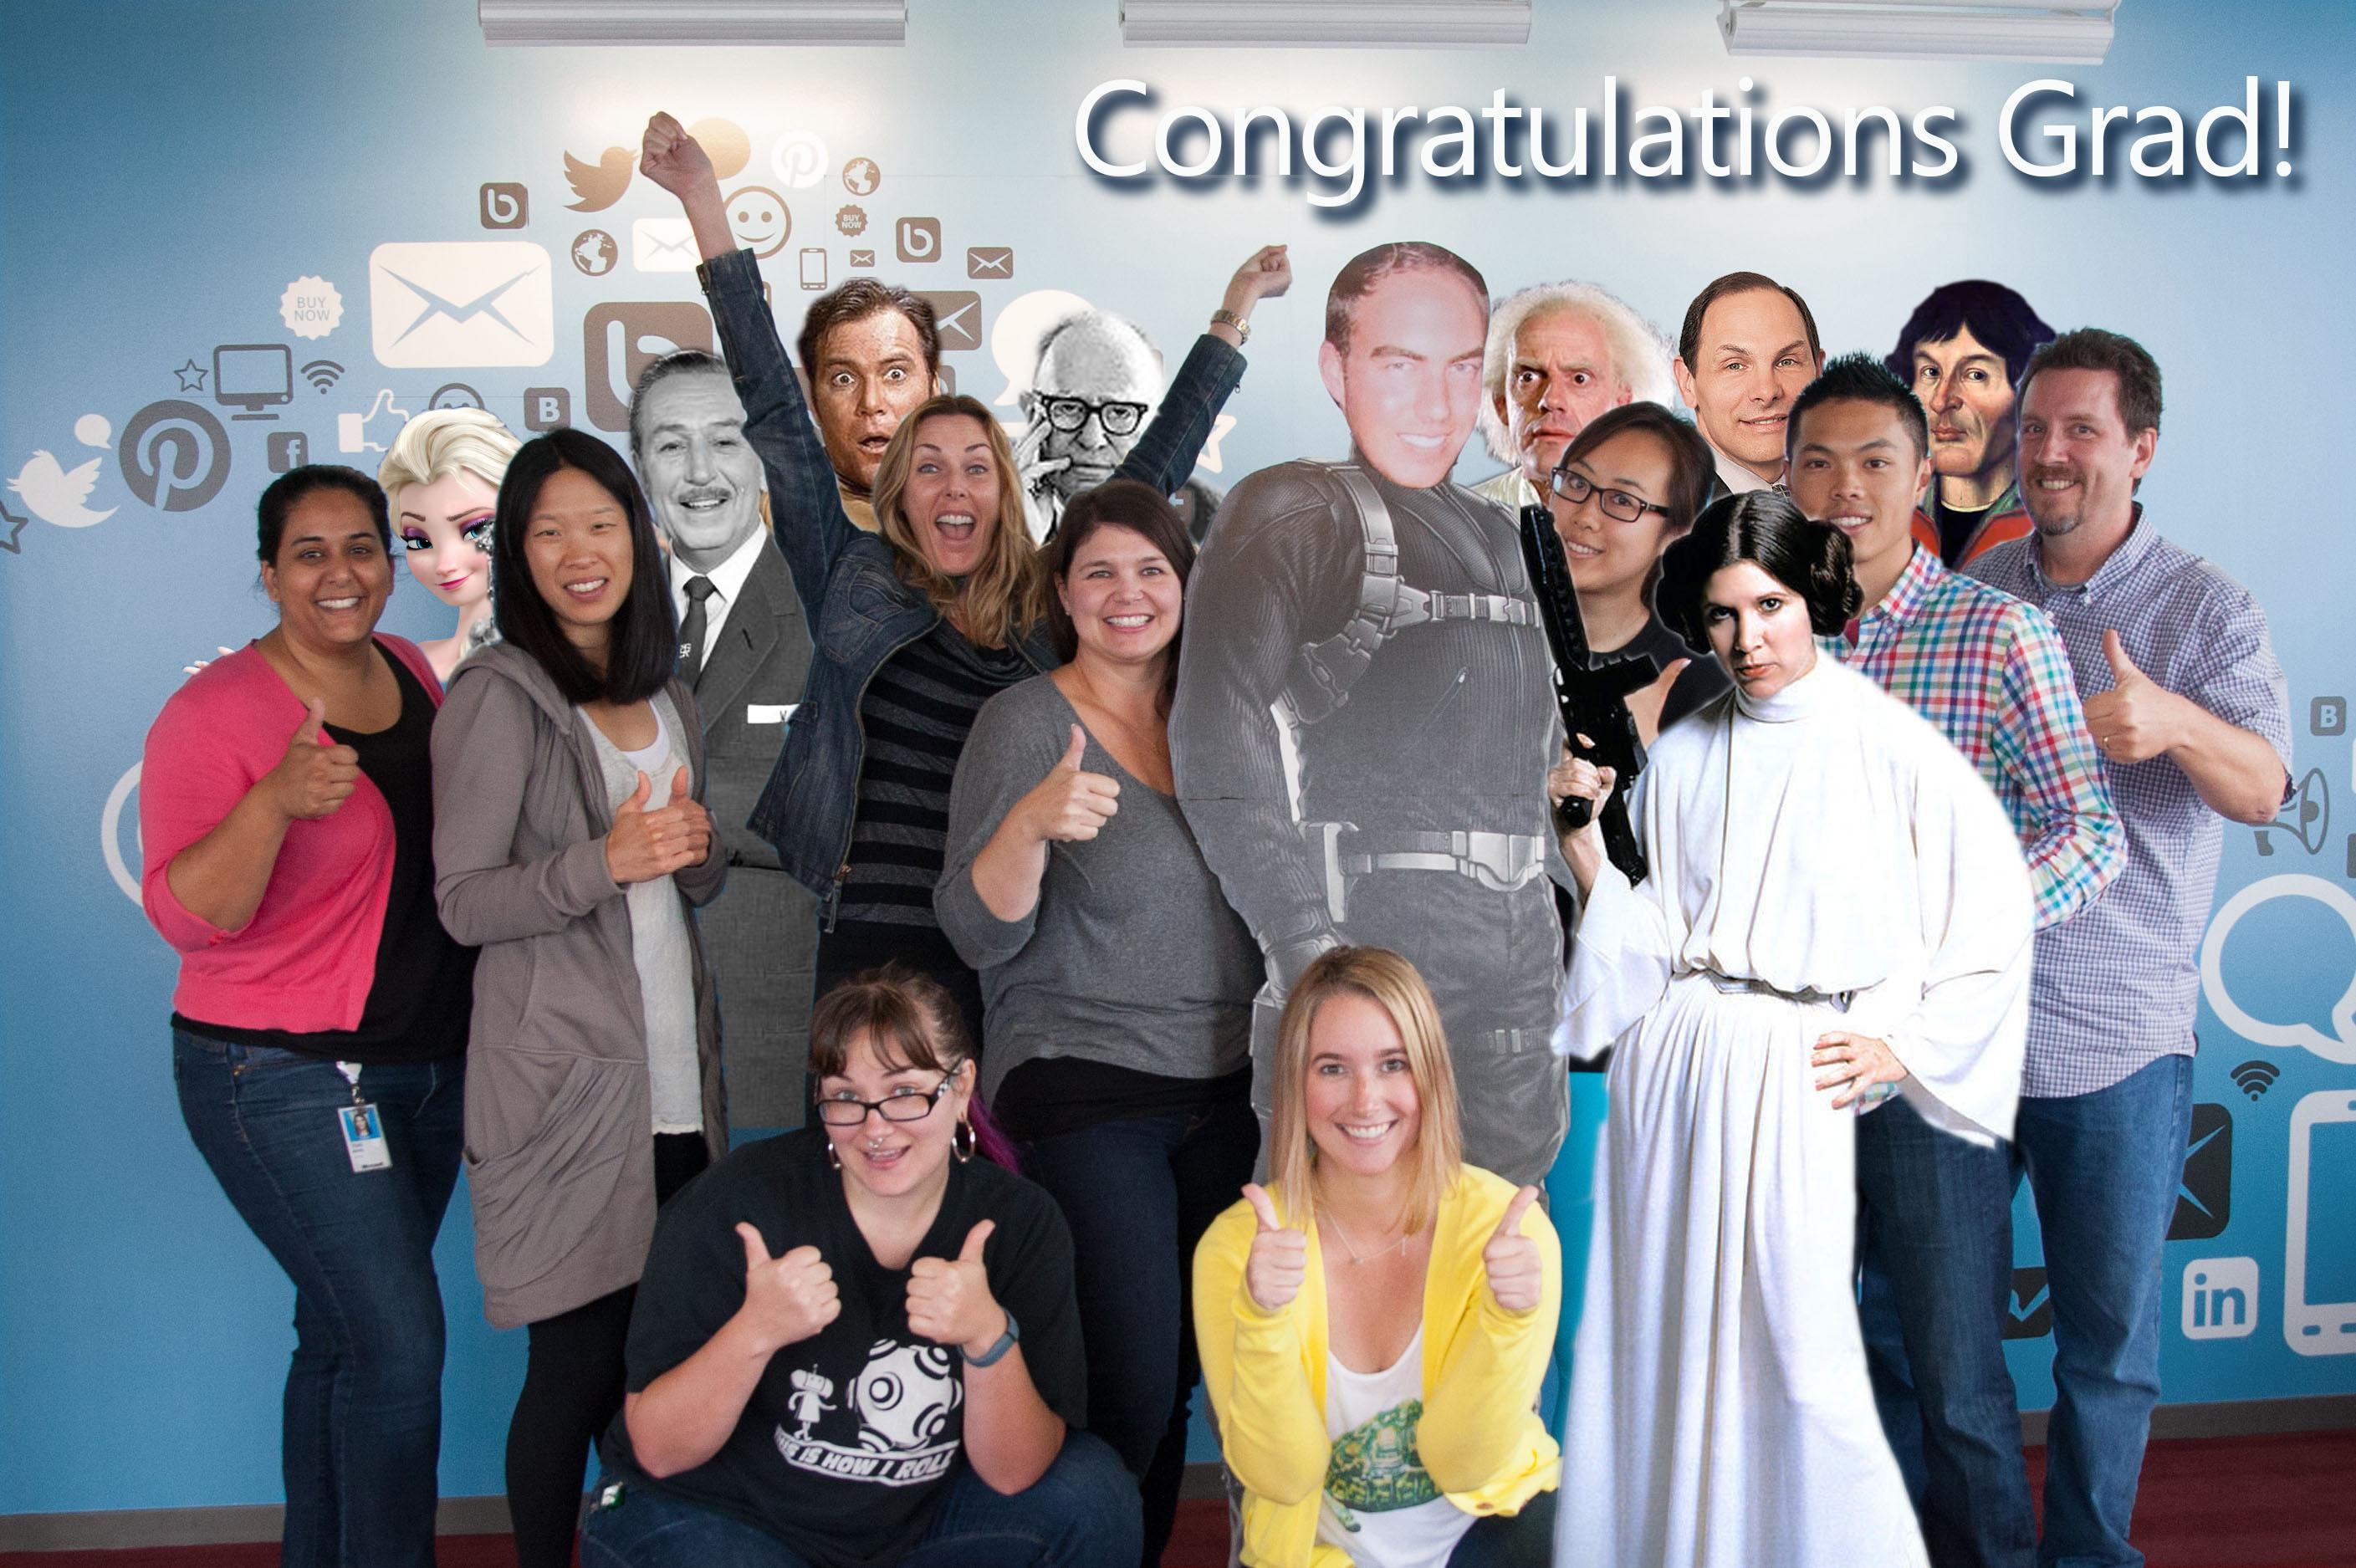 Congratulations Grad from Lincoln Square